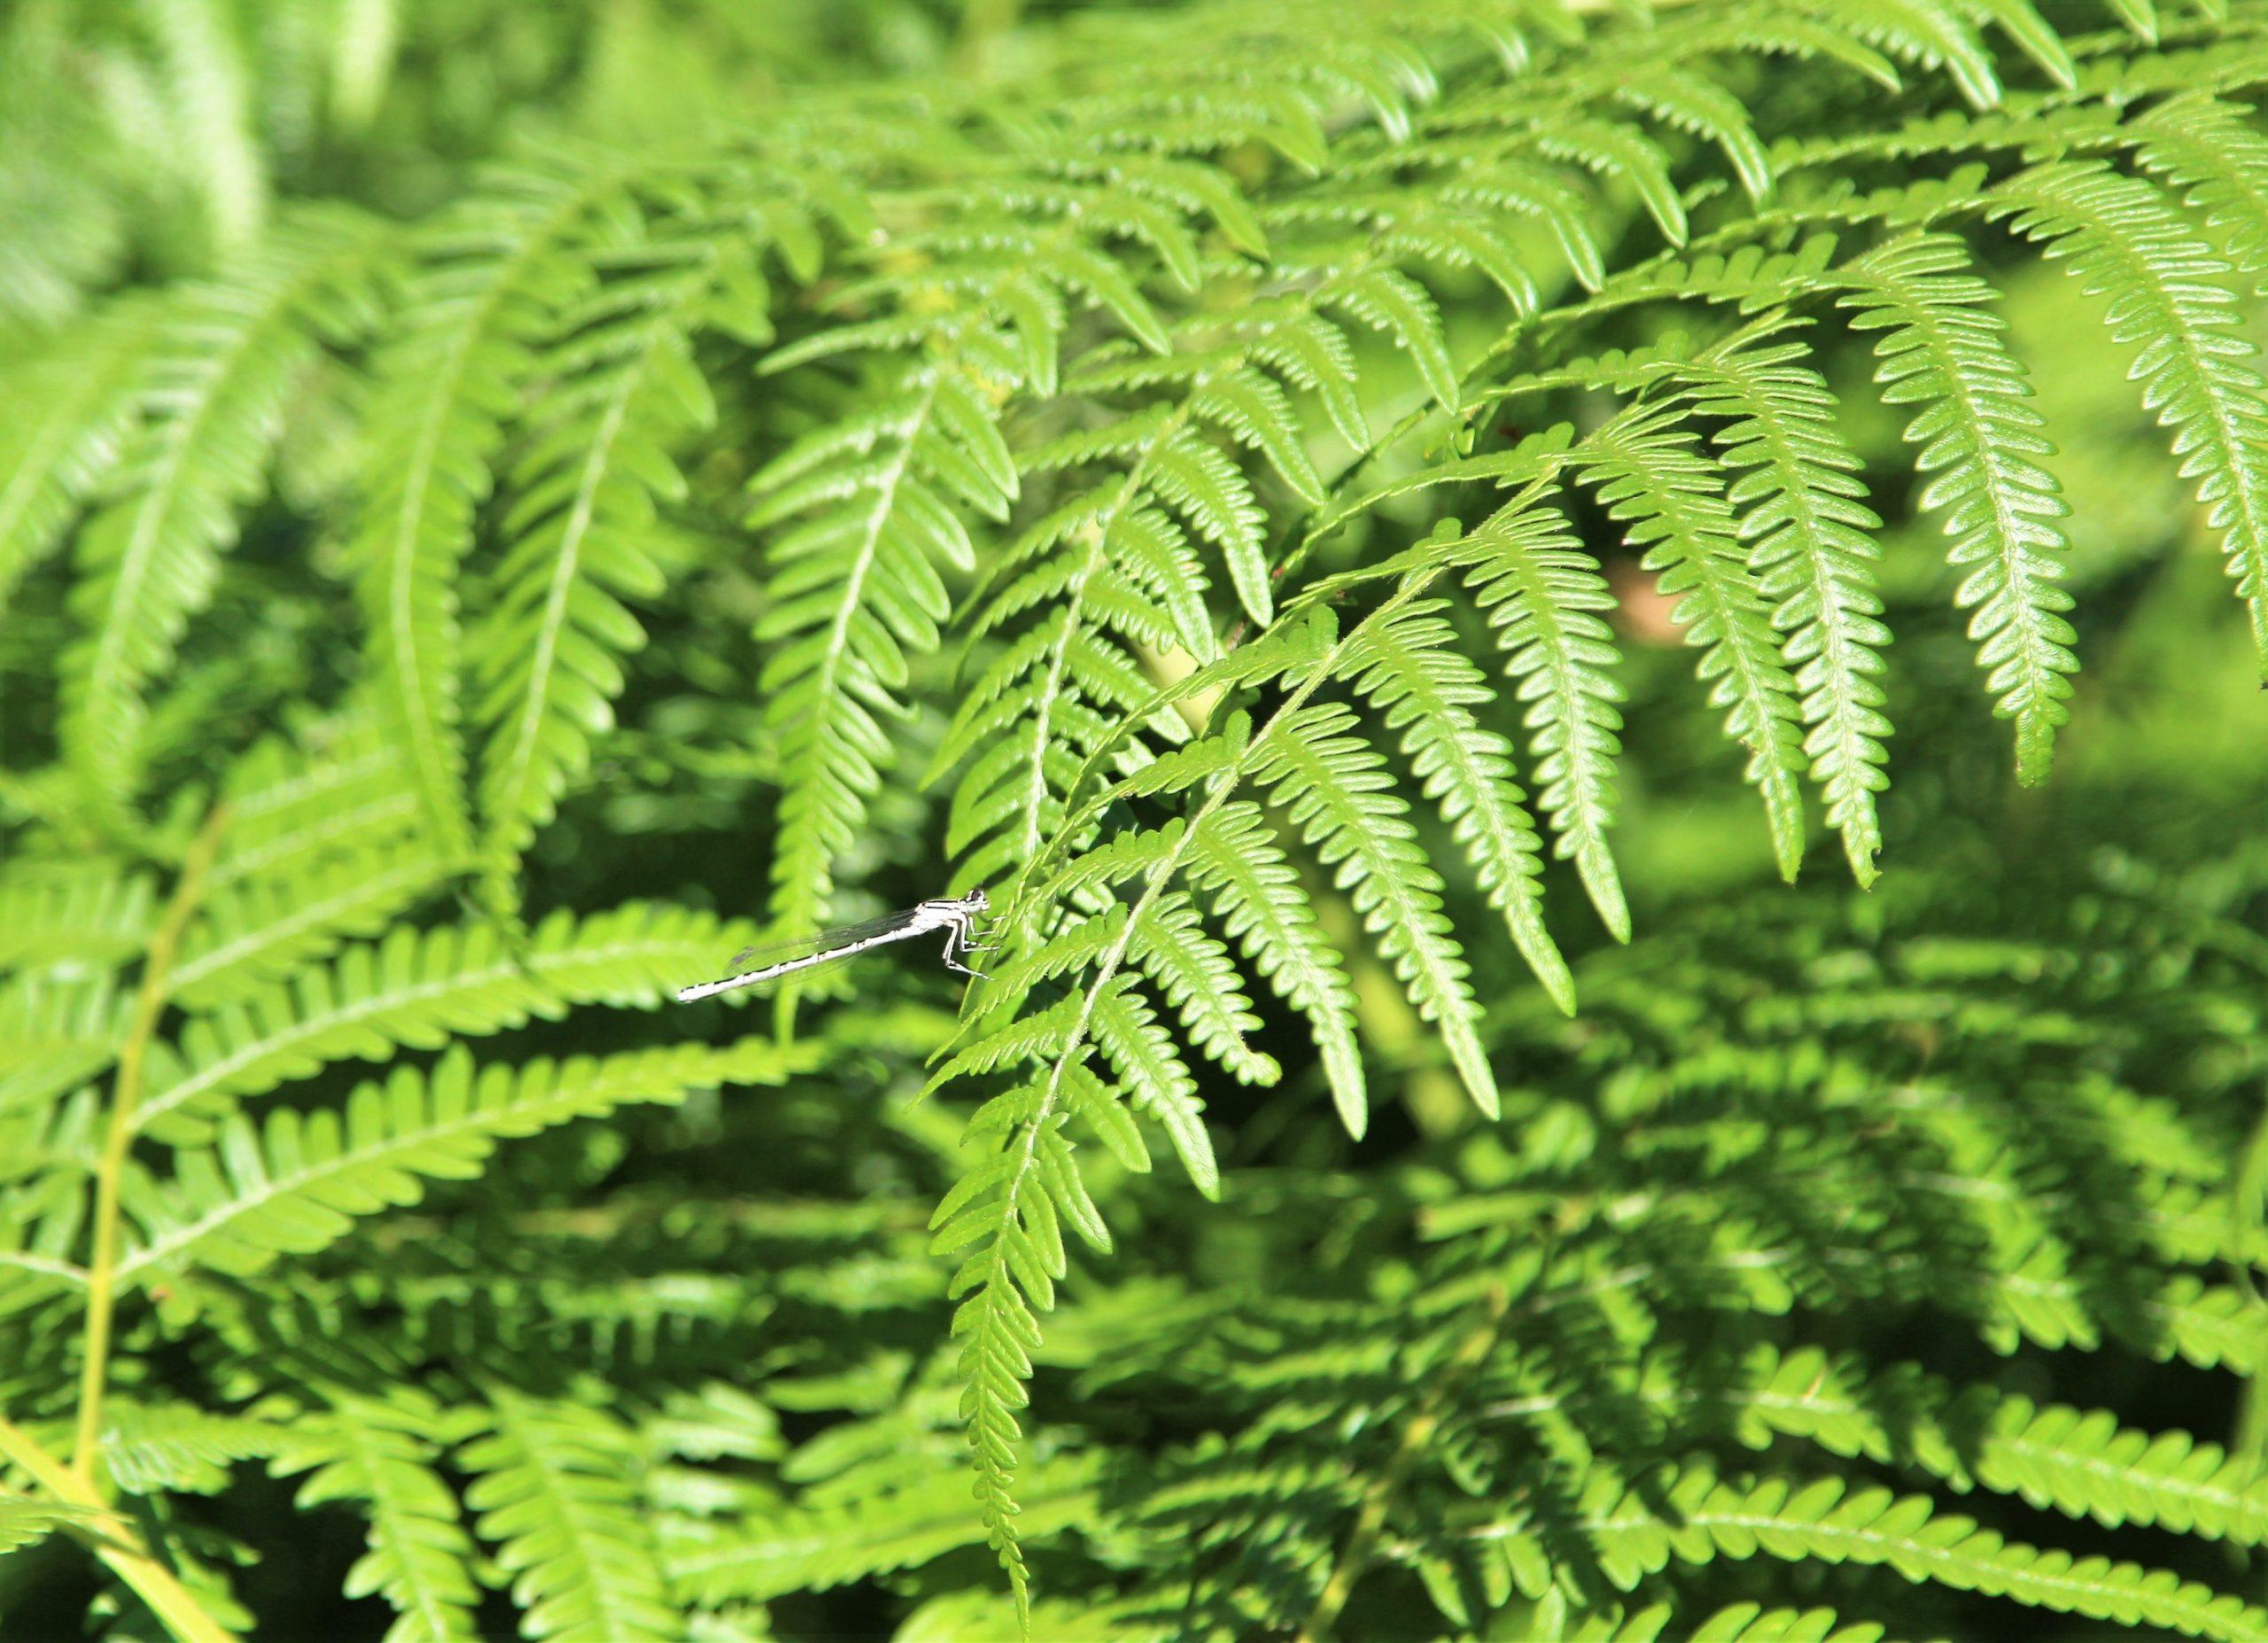 Los helechos suelen tener hojas verdes